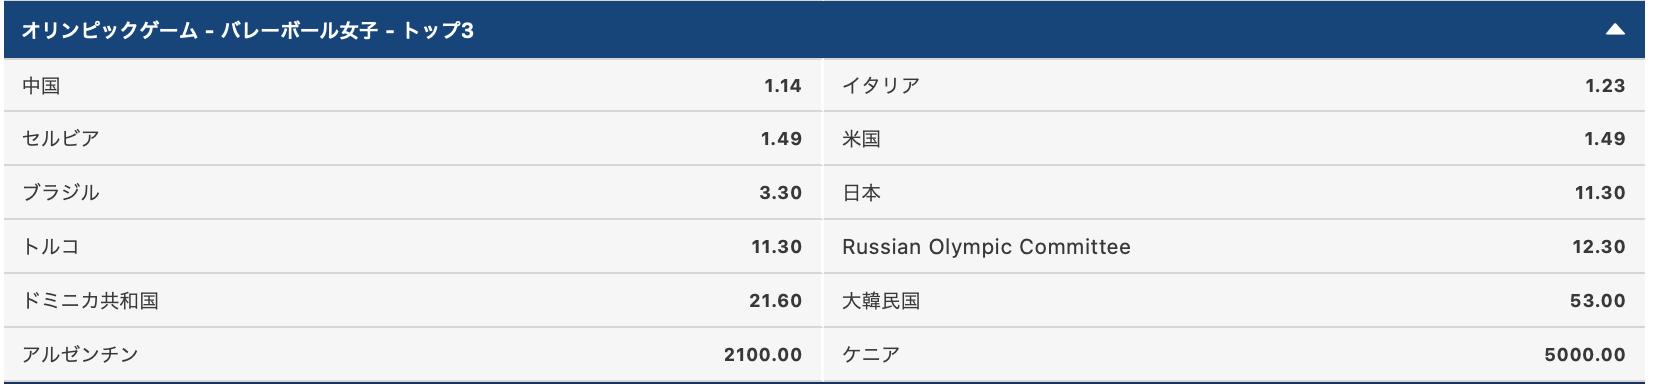 2020東京オリンピック女子バレーボールメダル獲得予想評価